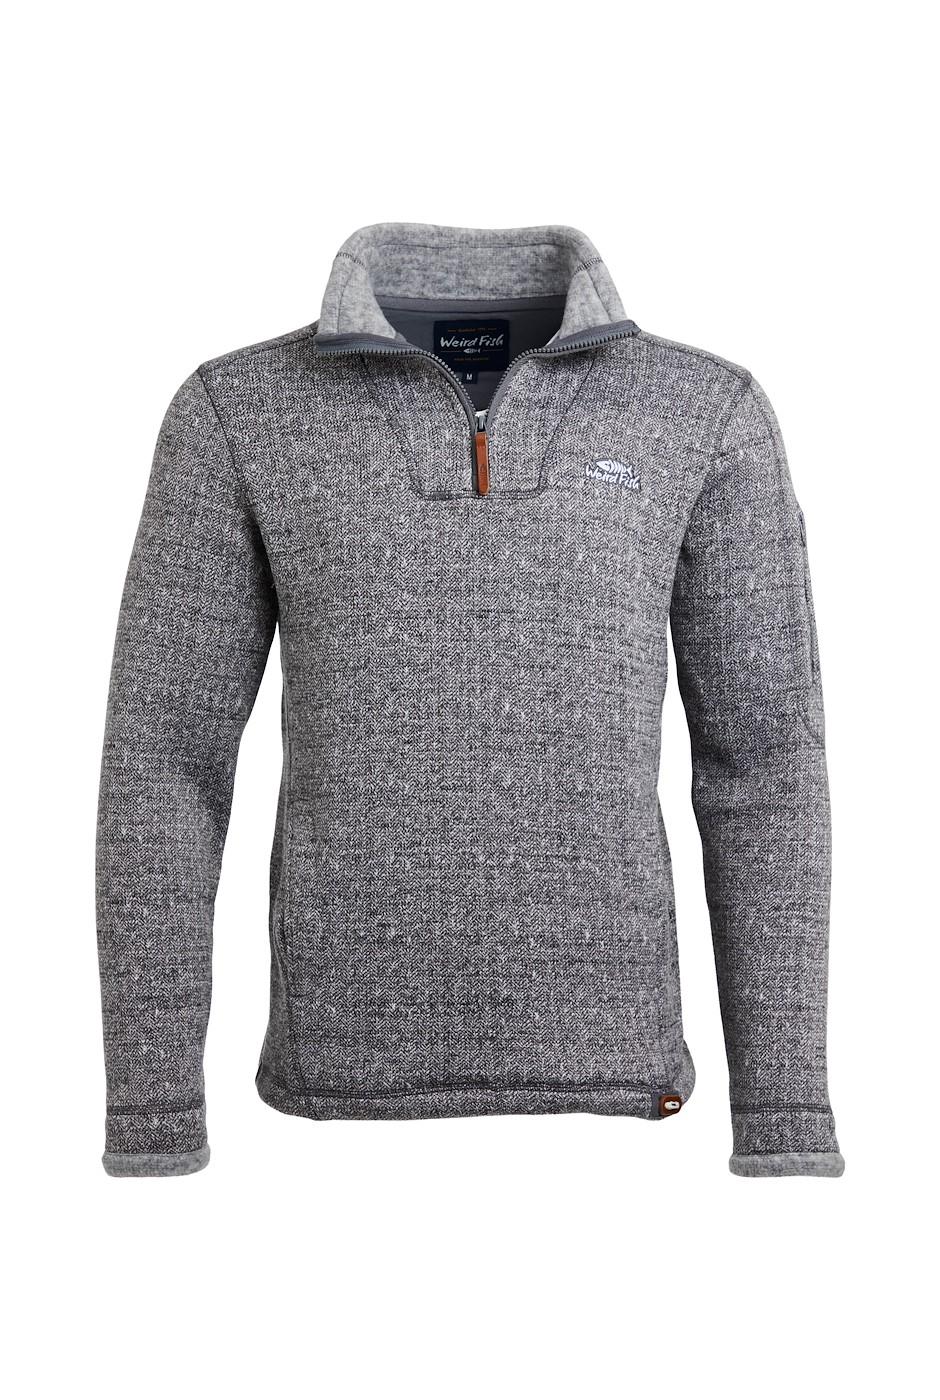 Beaufort 1/4 Zip Soft Knit Fleece Cement